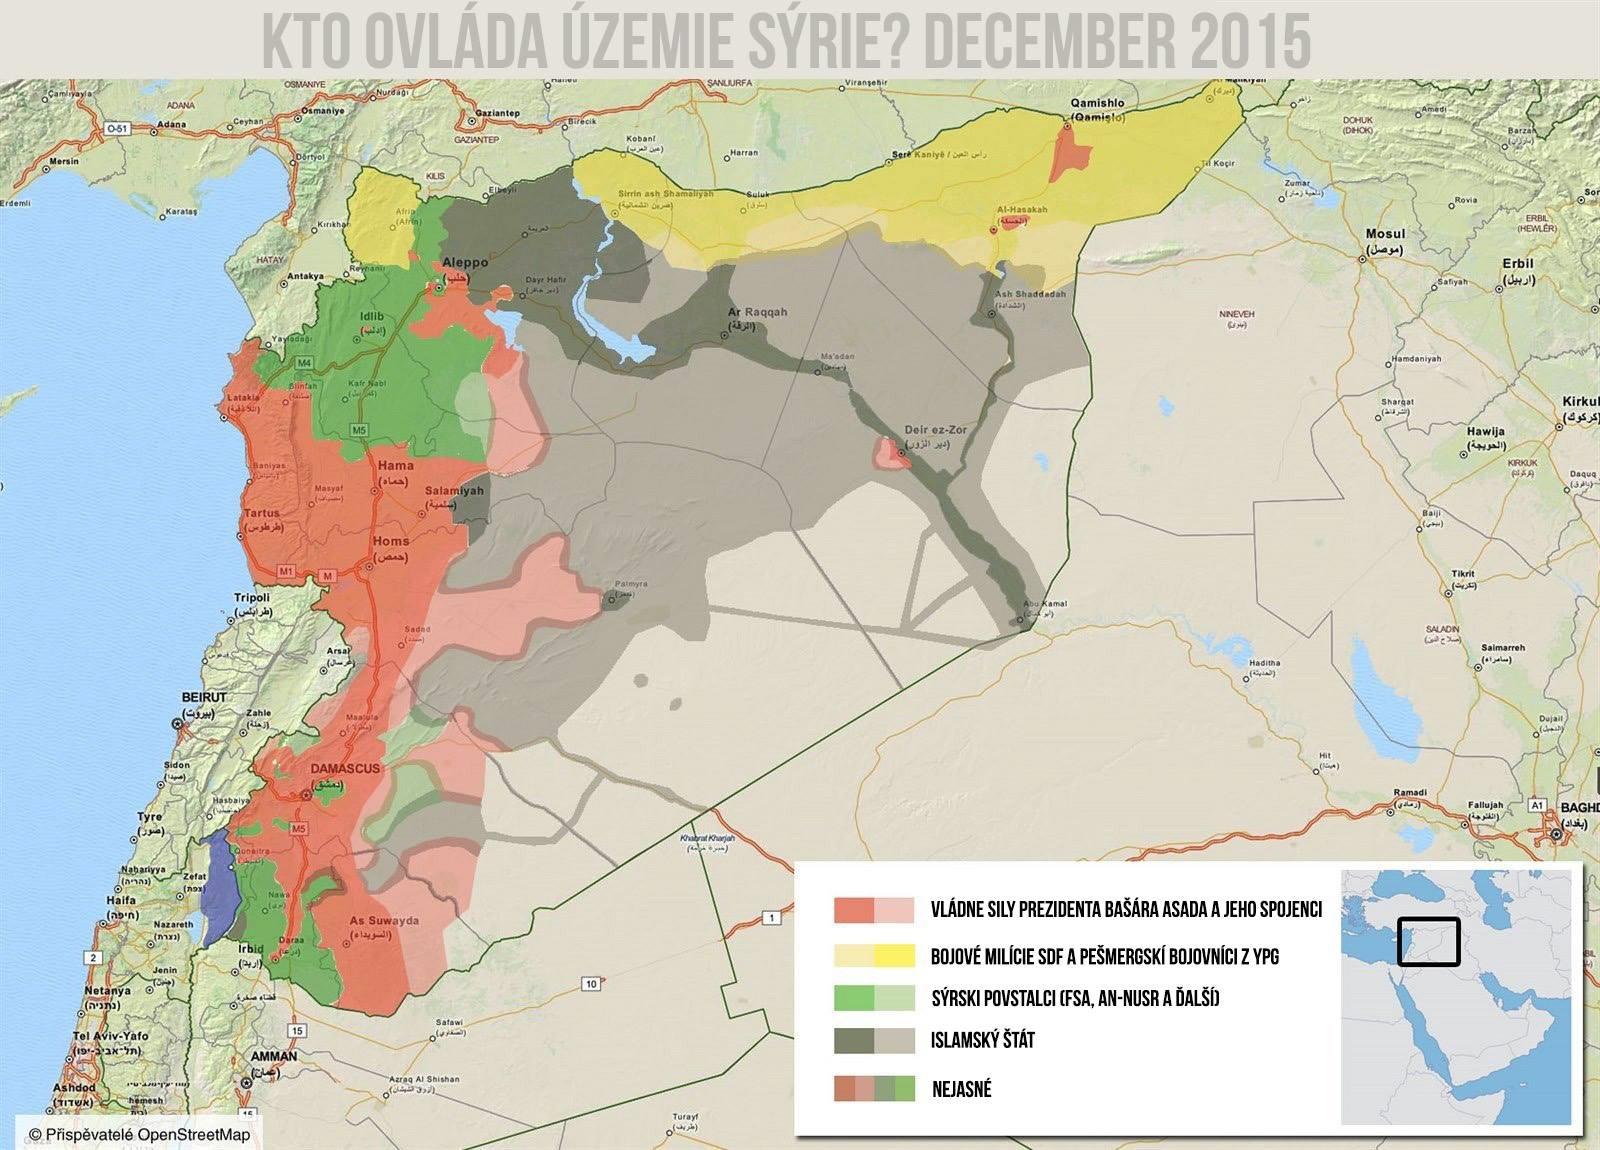 Ovládané územie v Sýrii december 2015